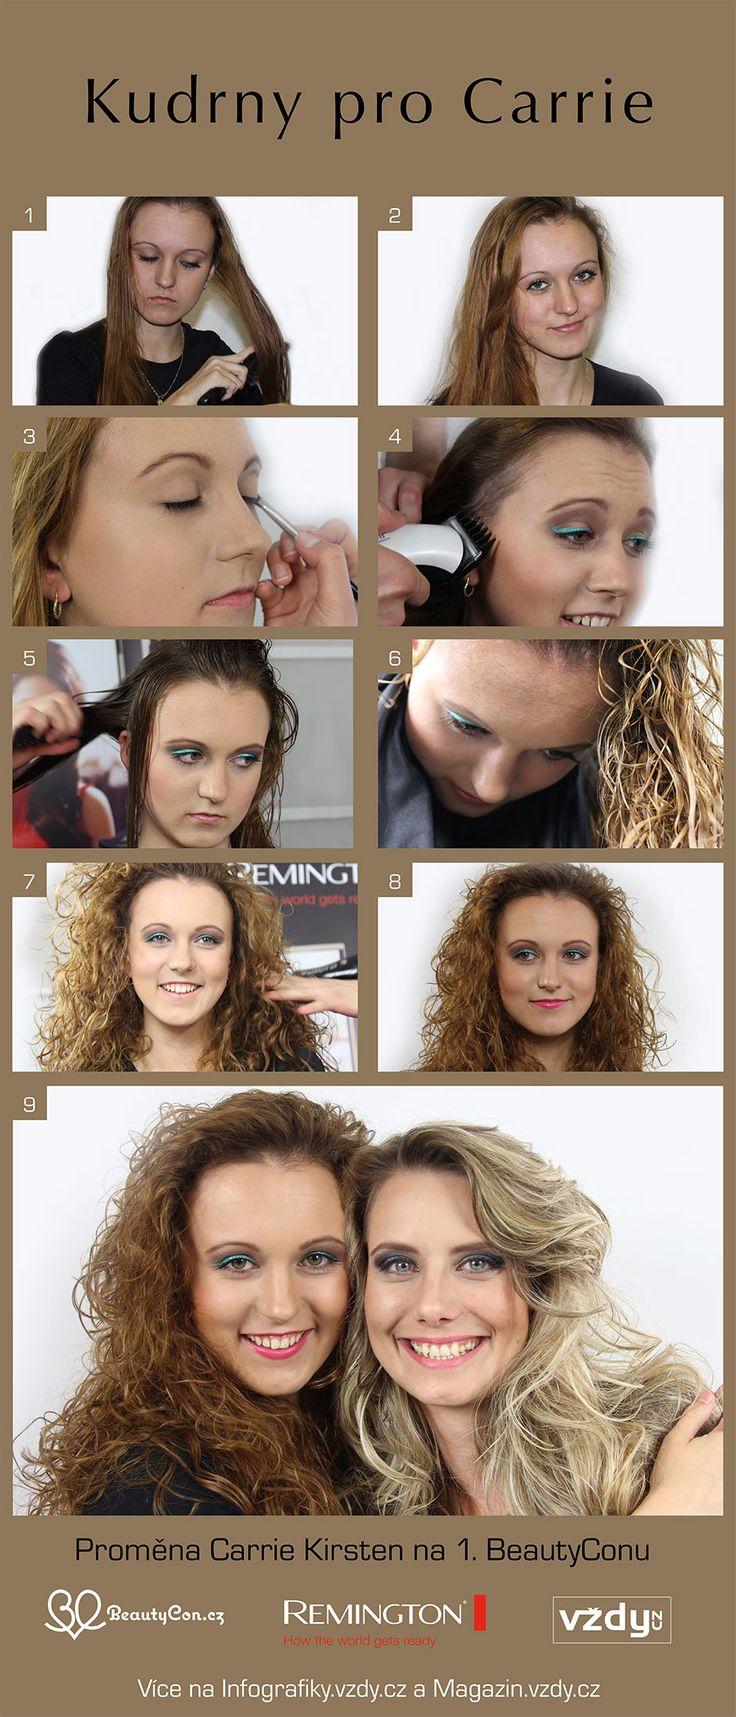 Kudrny pro Carrie na BeautyCon